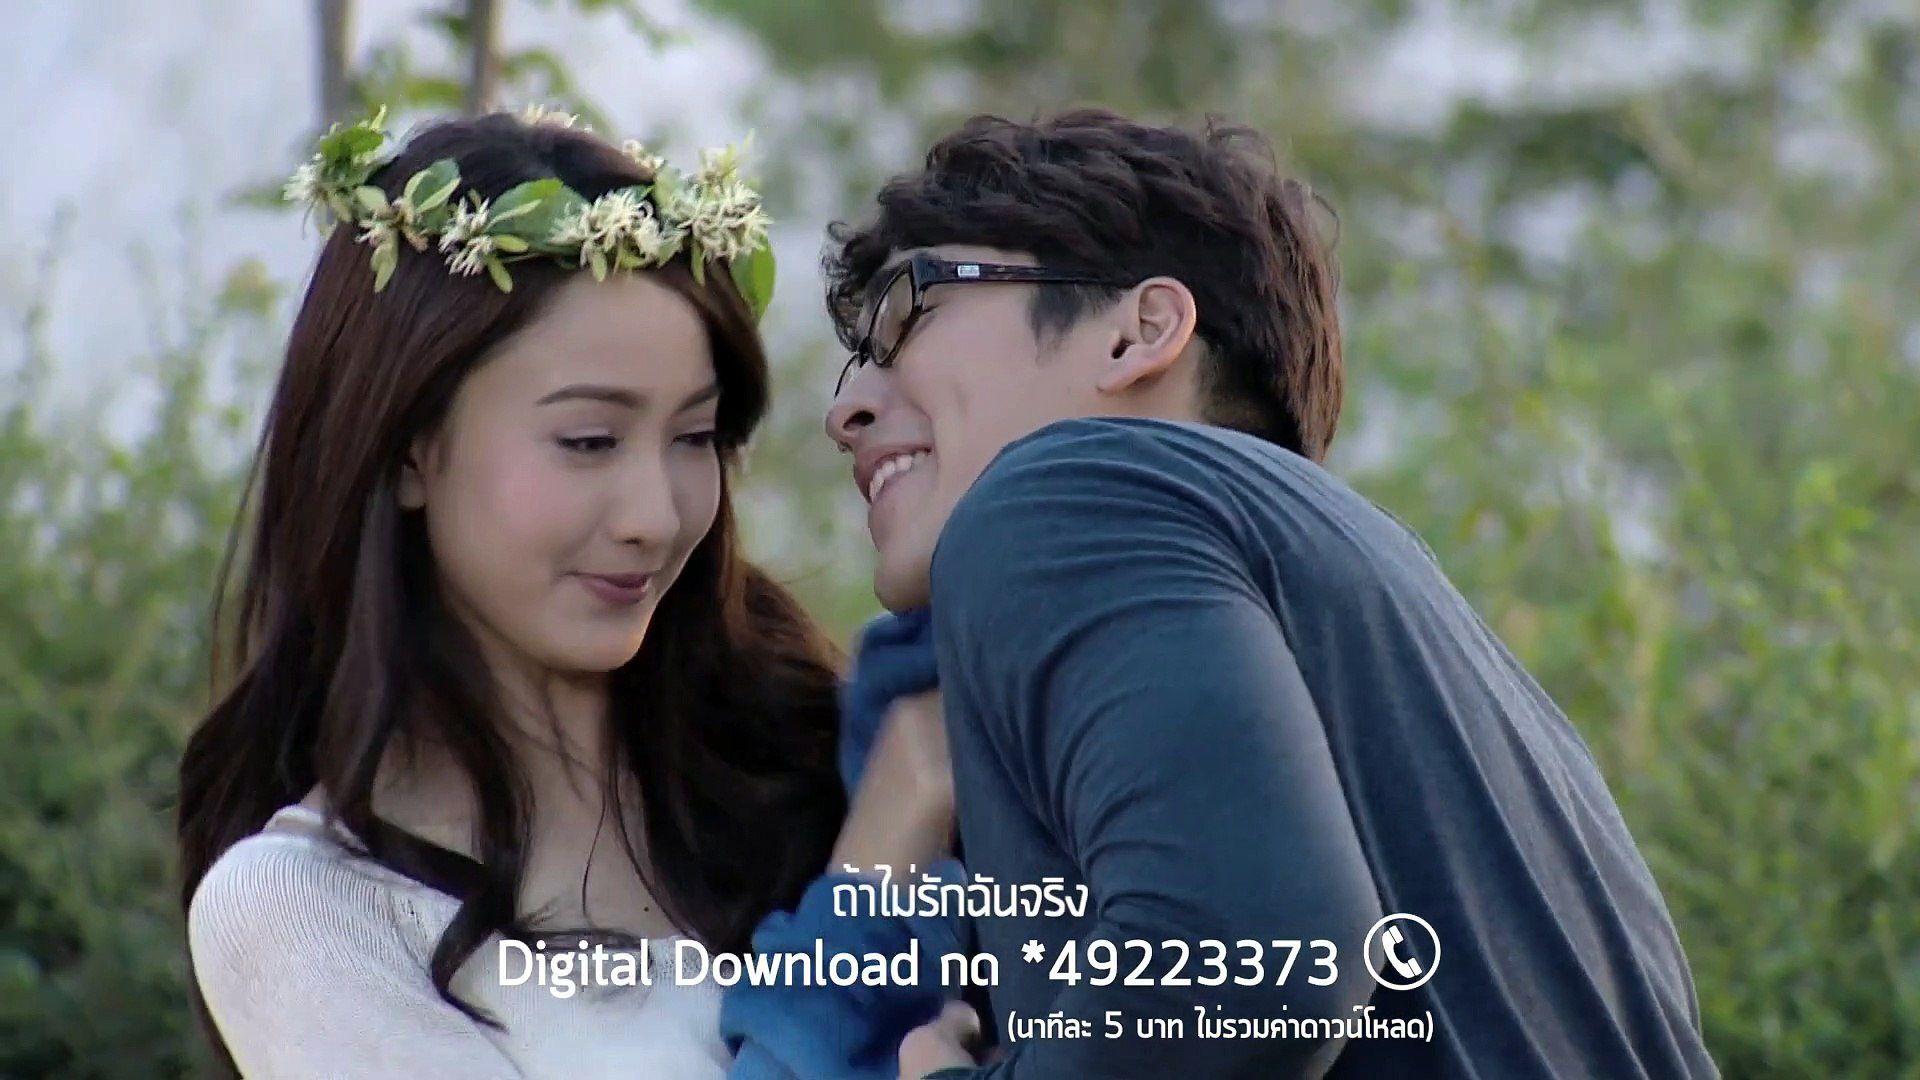 Hóng 6 koojin - cặp đôi màn ảnh Thái Lan được yêu thích trong năm 2019 (11)